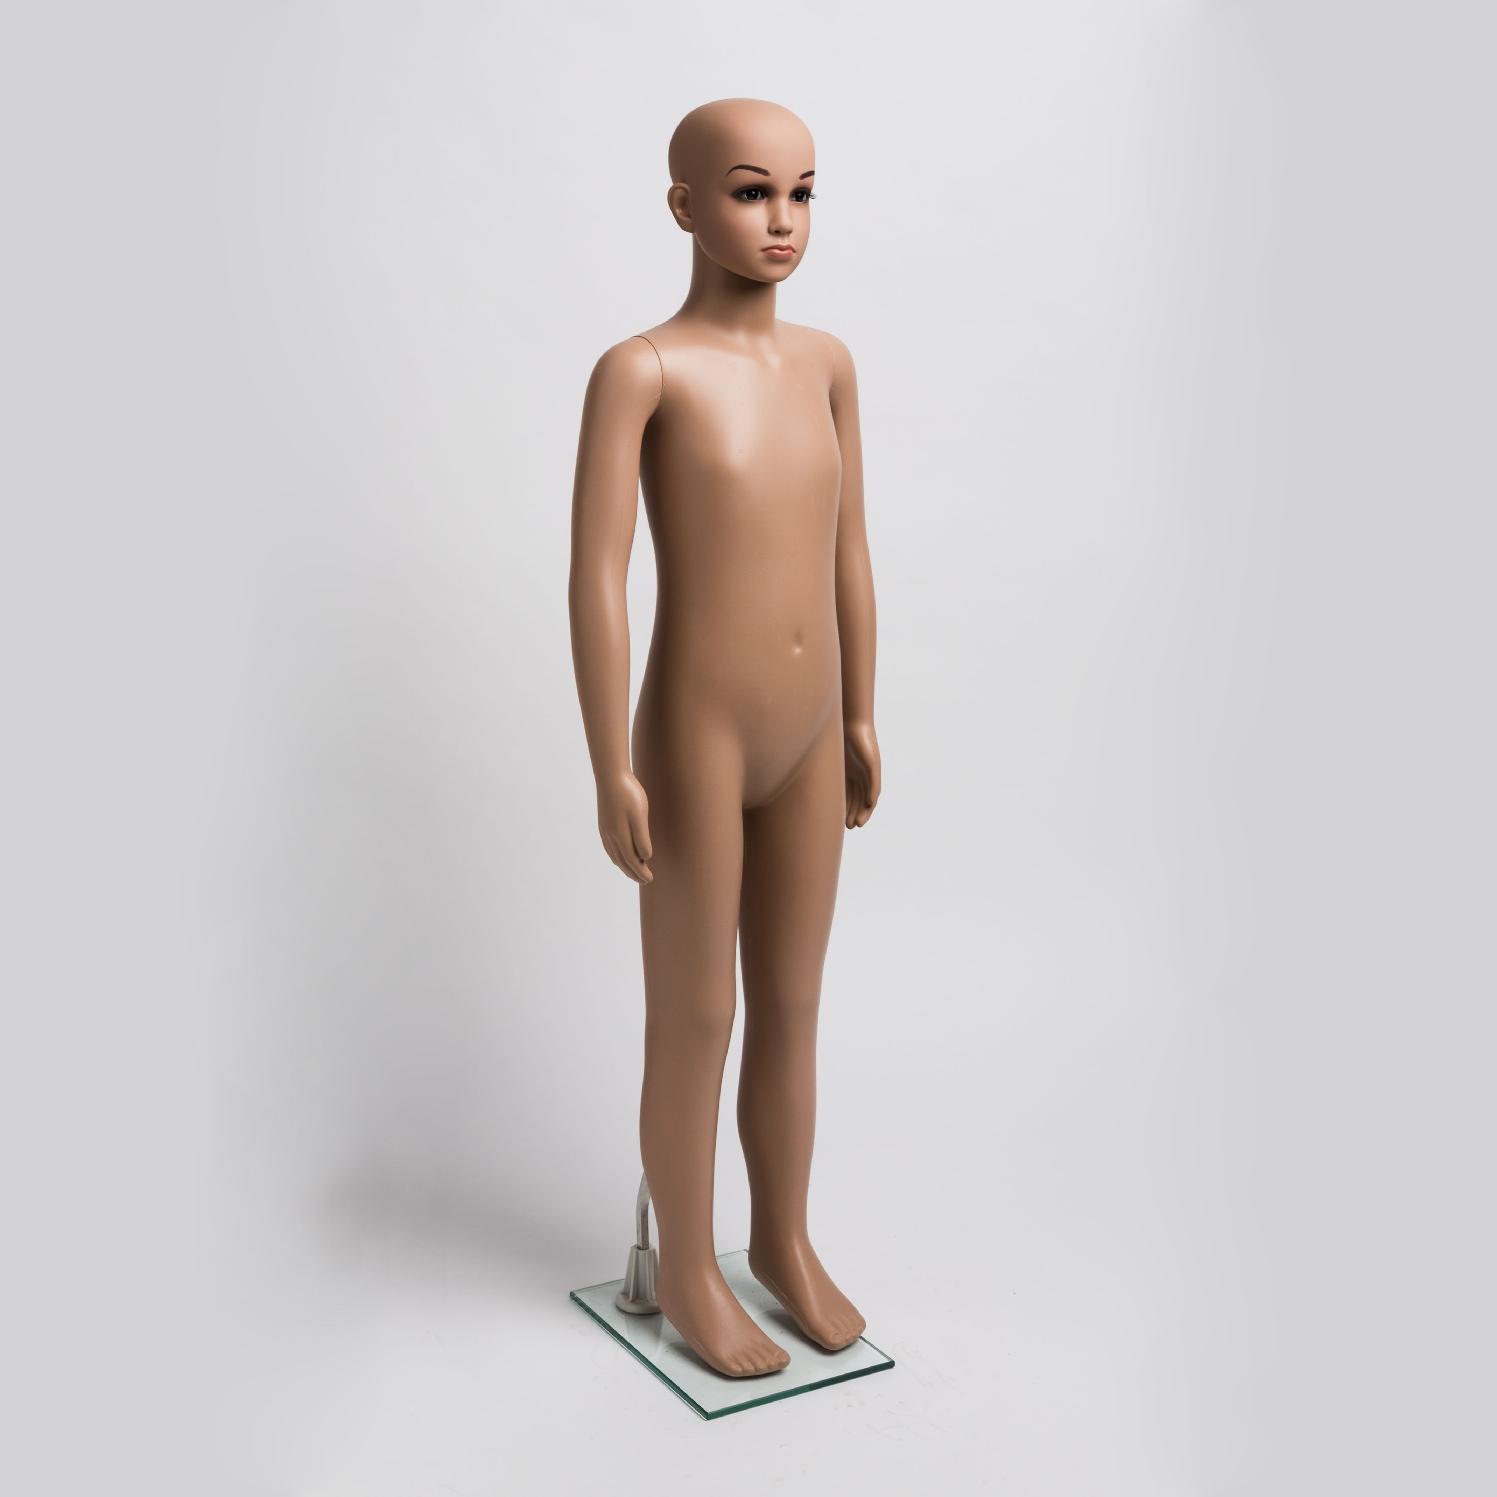 CHILDREN MANNEQUIN